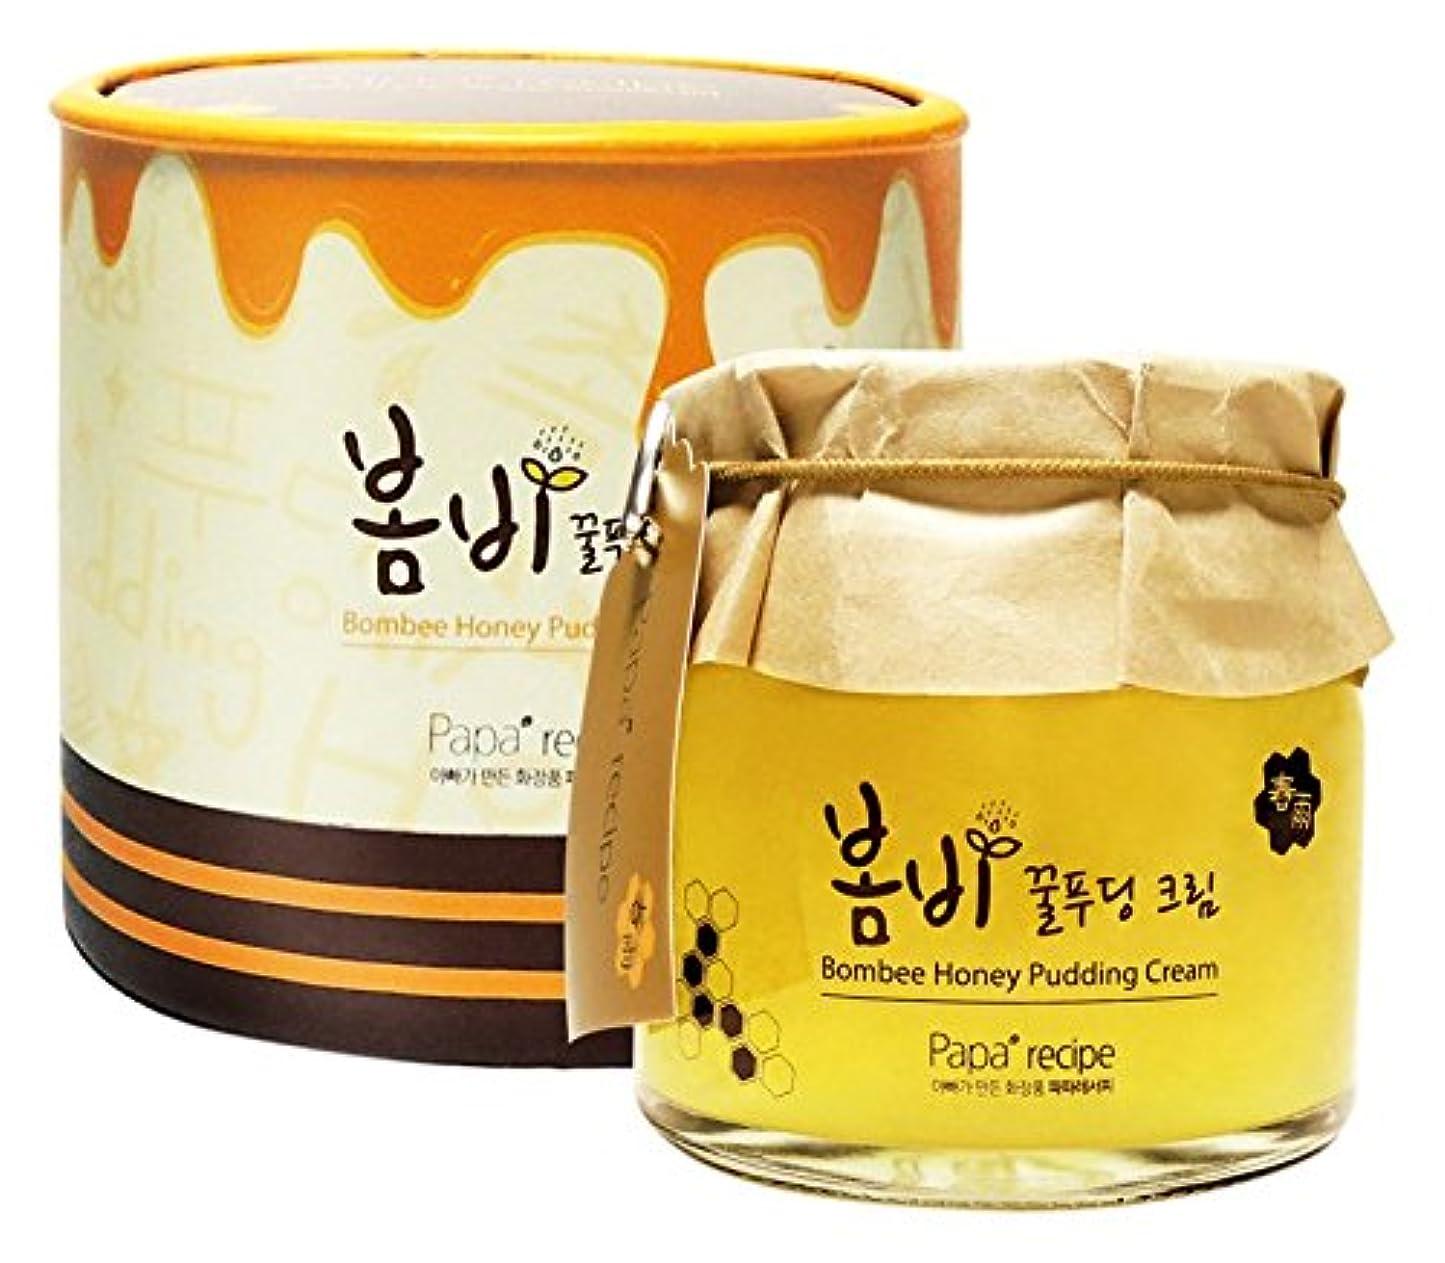 サーバントミュート利点Papa recipe Bombee Honey Pudding Cream 135ml/パパレシピ ボムビー ハニー プリン クリーム 135ml